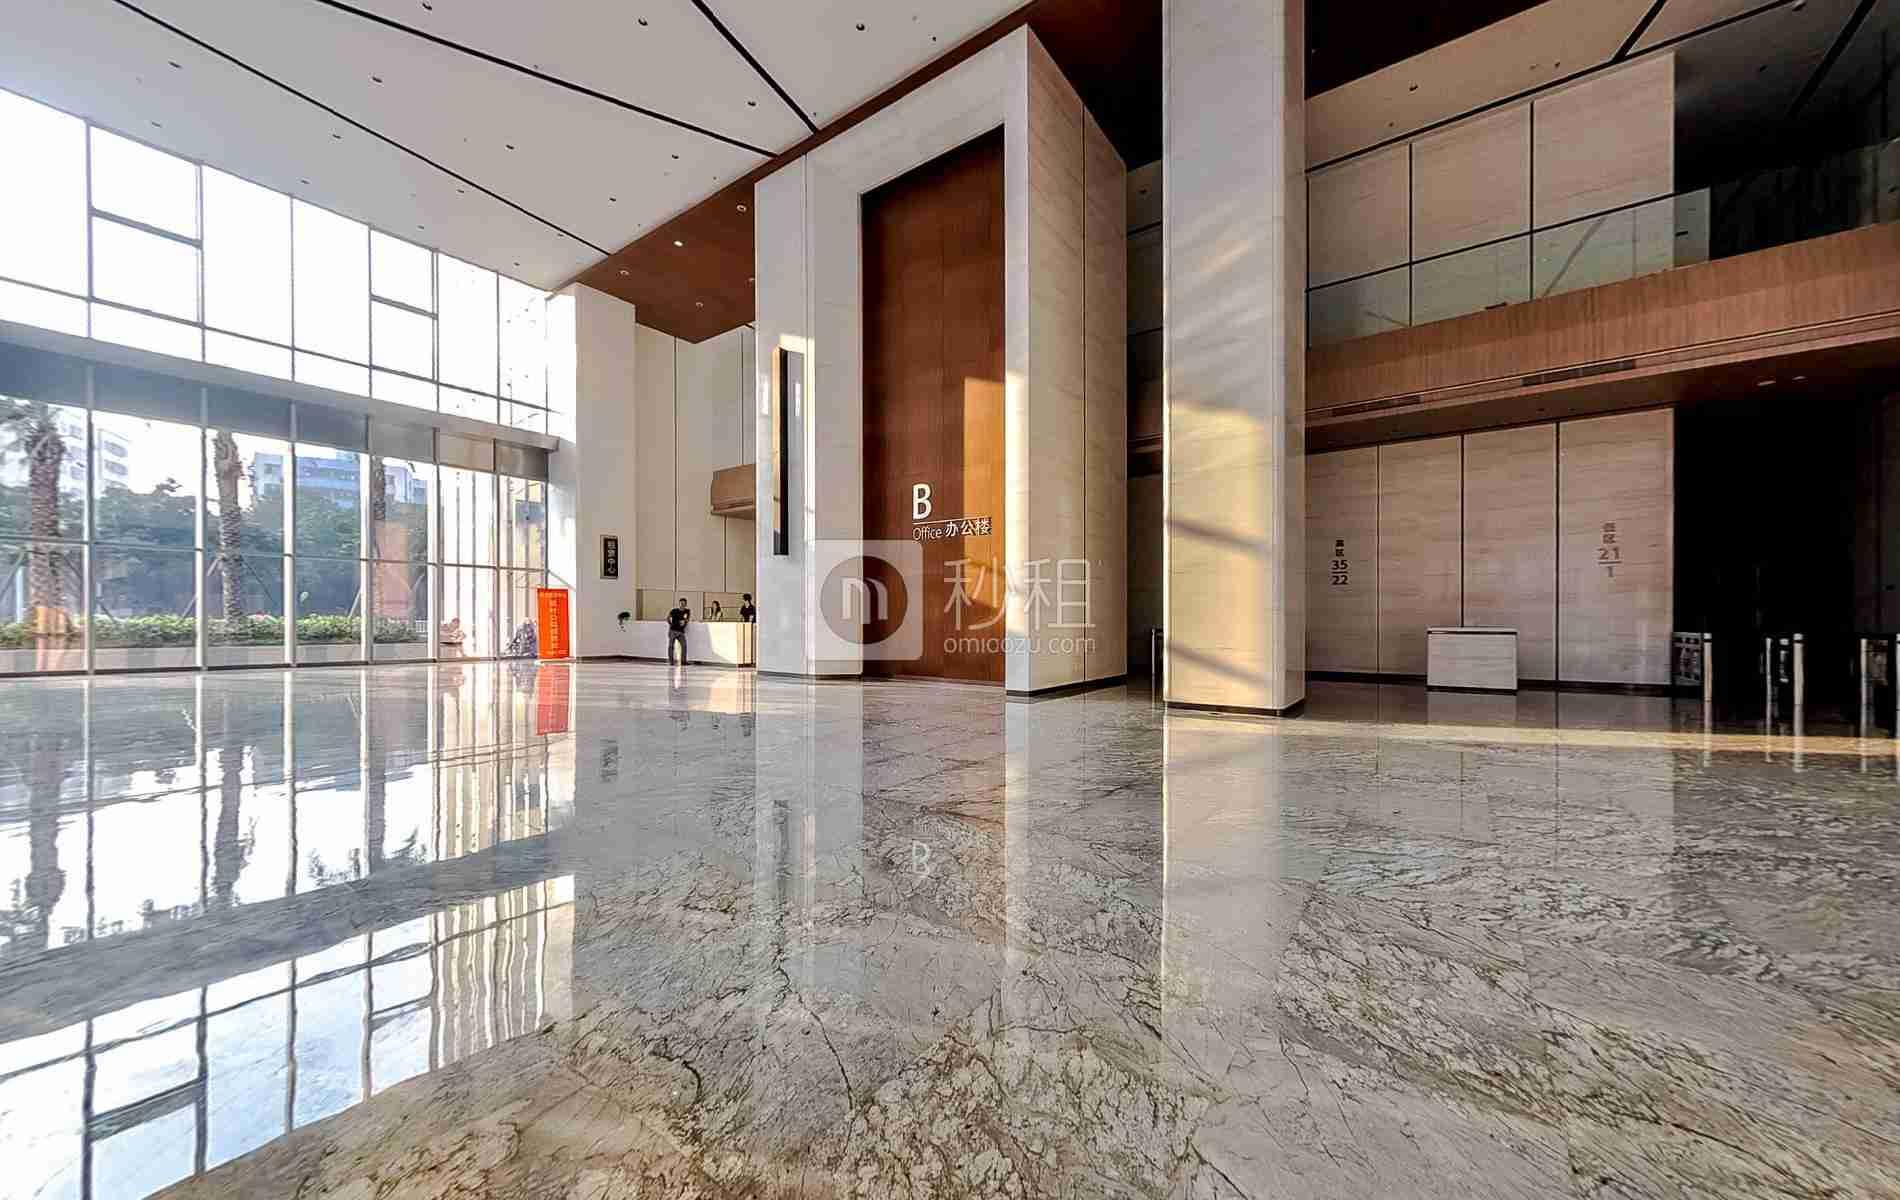 阳光科创中心写字楼出租/招租/租赁,阳光科创中心办公室出租/招租/租赁